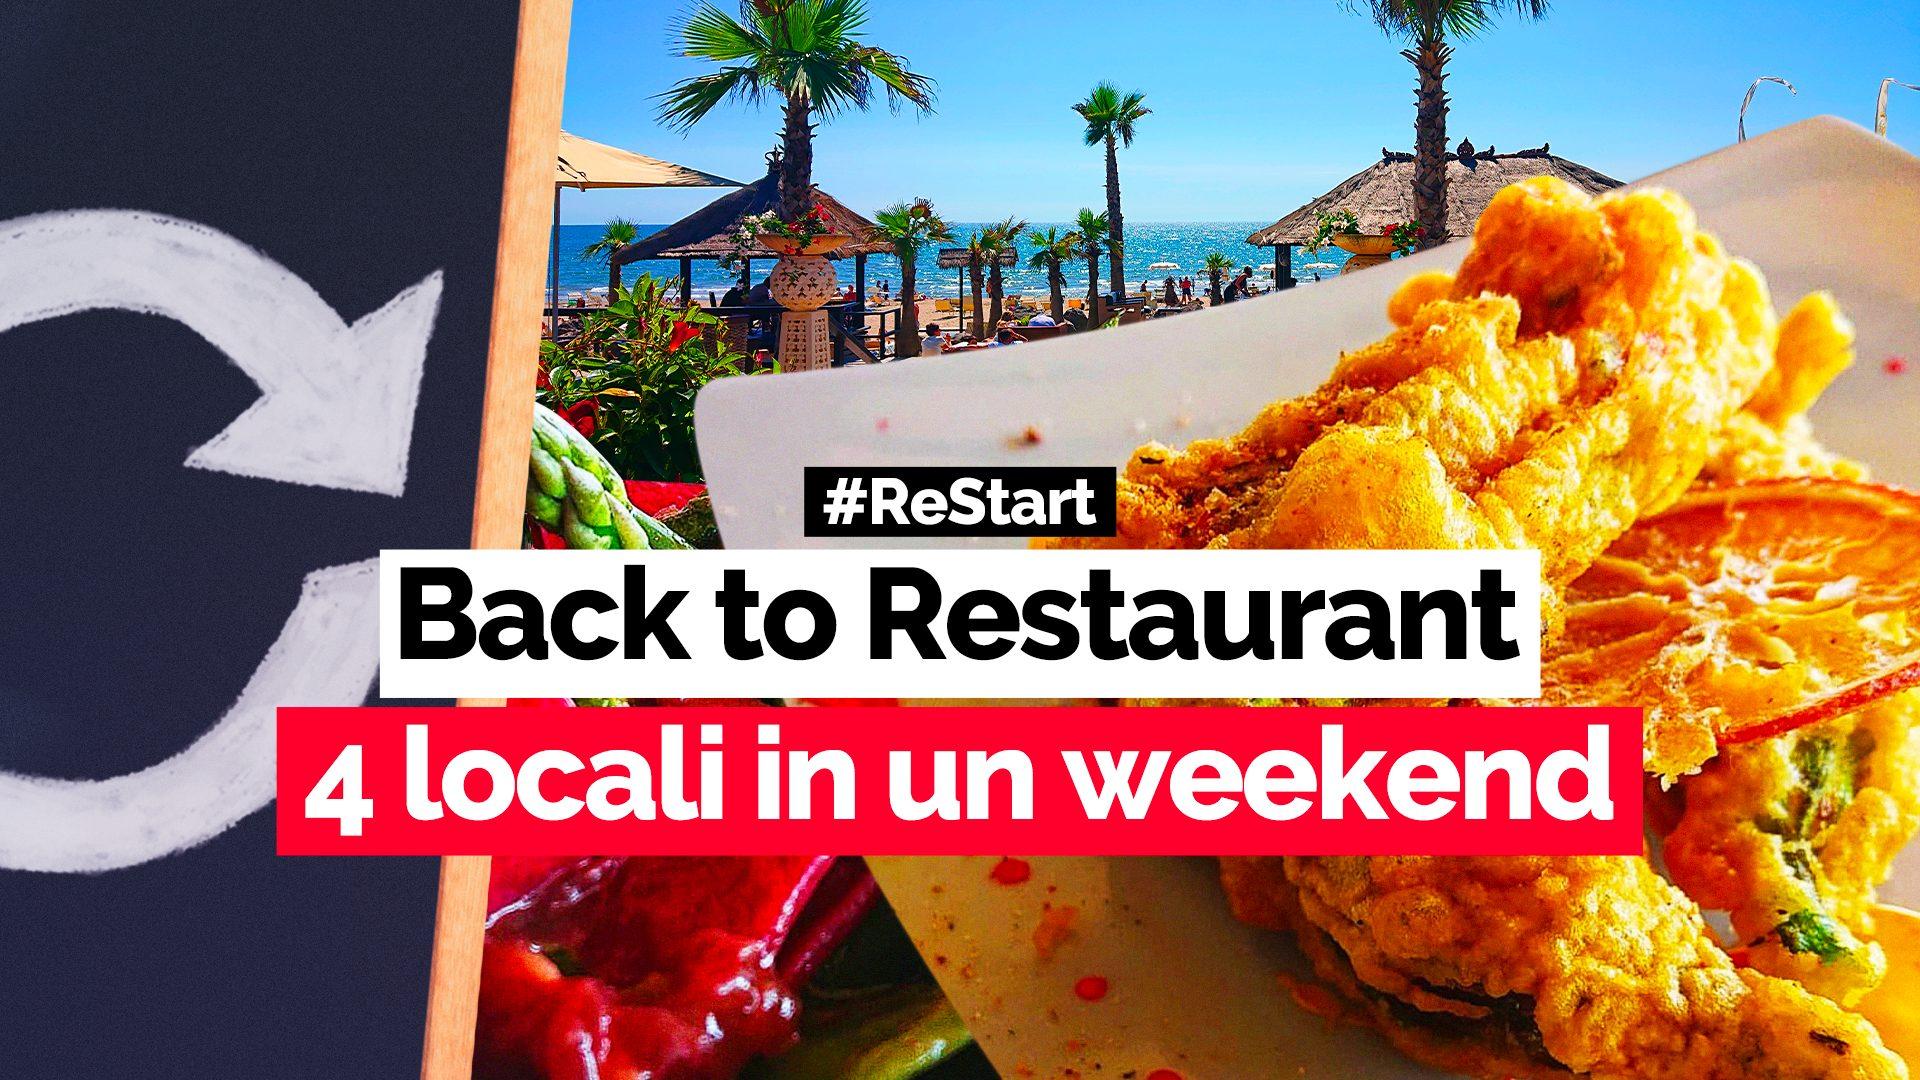 Back to Restaurant: abbiamo provato per voi 4 locali in un weekend. Ecco com'è andata